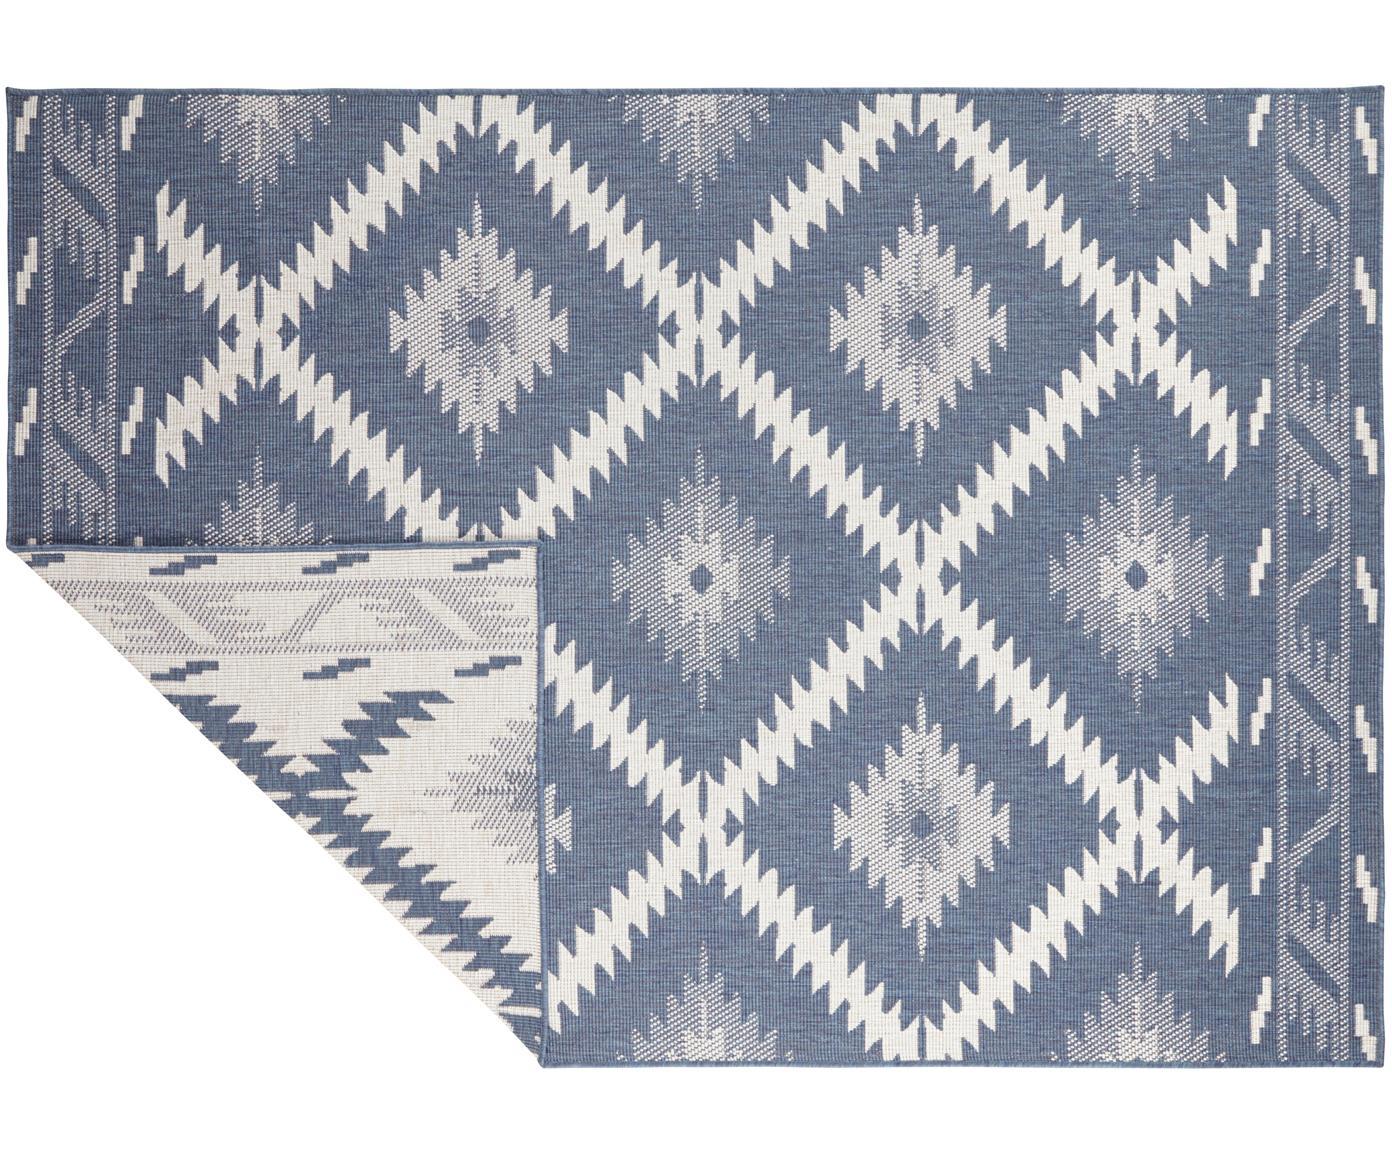 In- und Outdoor-Wendeteppich Malibu in Blau/Creme, Blau, Creme, B 120 x L 170 cm (Grösse S)